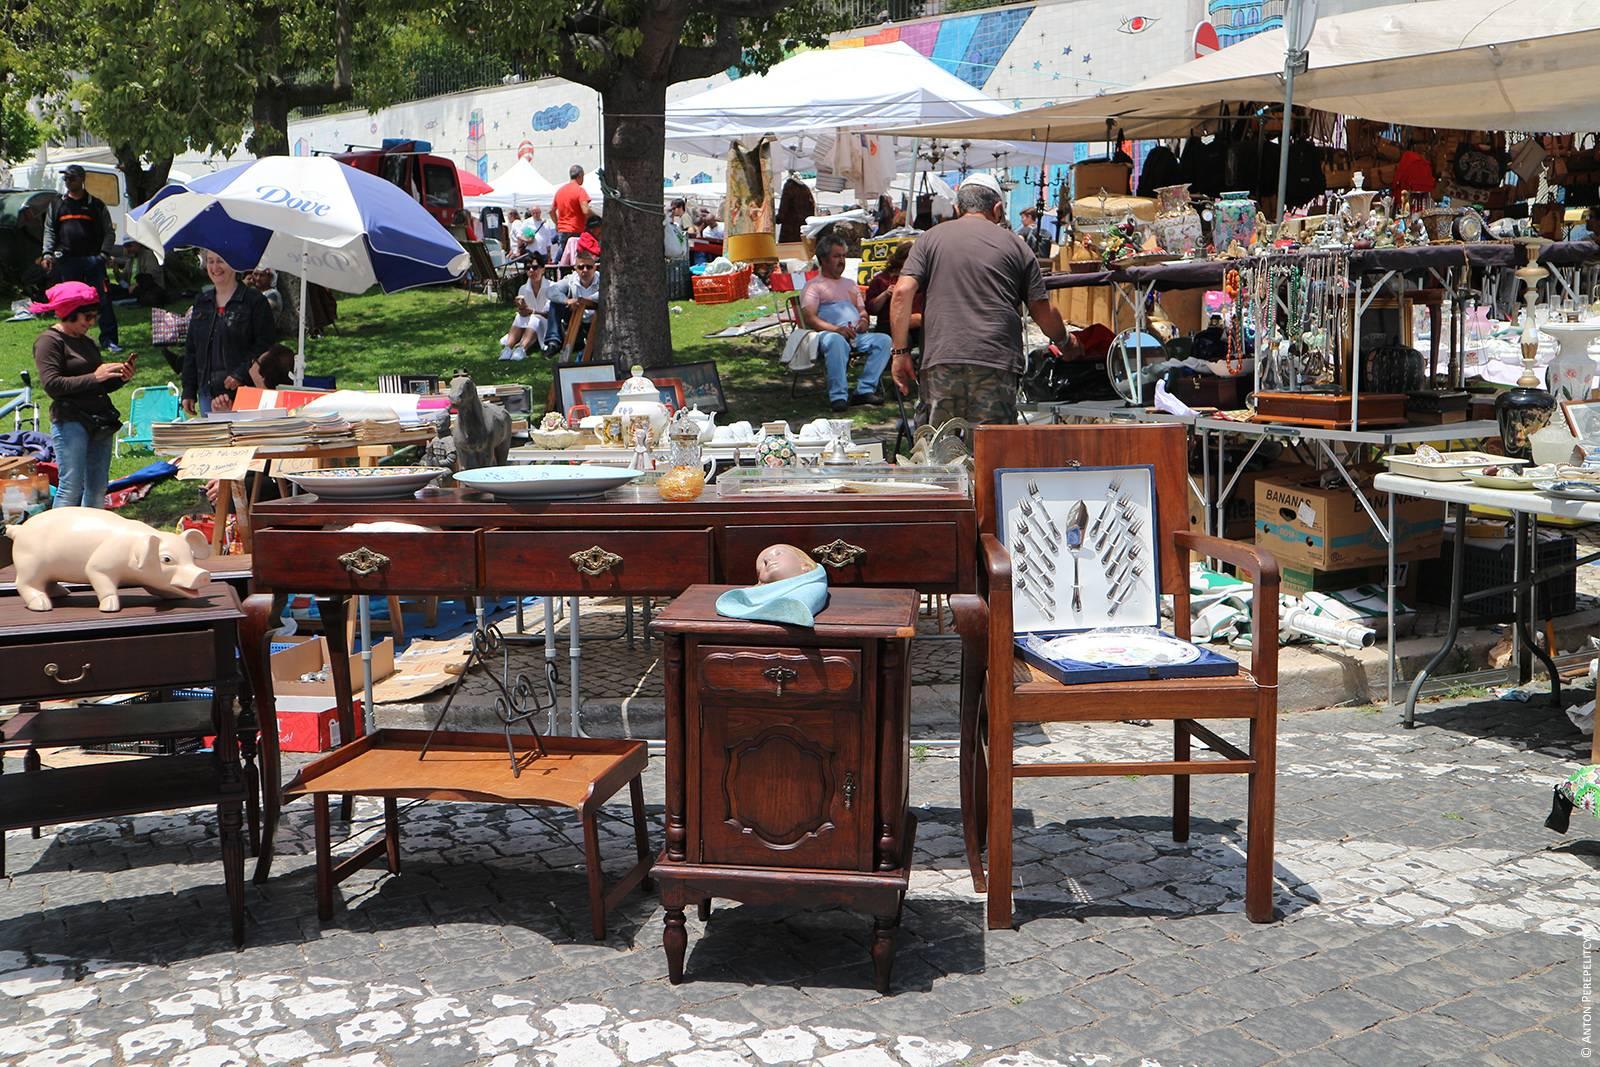 Блошиные рынки парижа: вернезон - safetravels.info - безопасный туризм и отдых